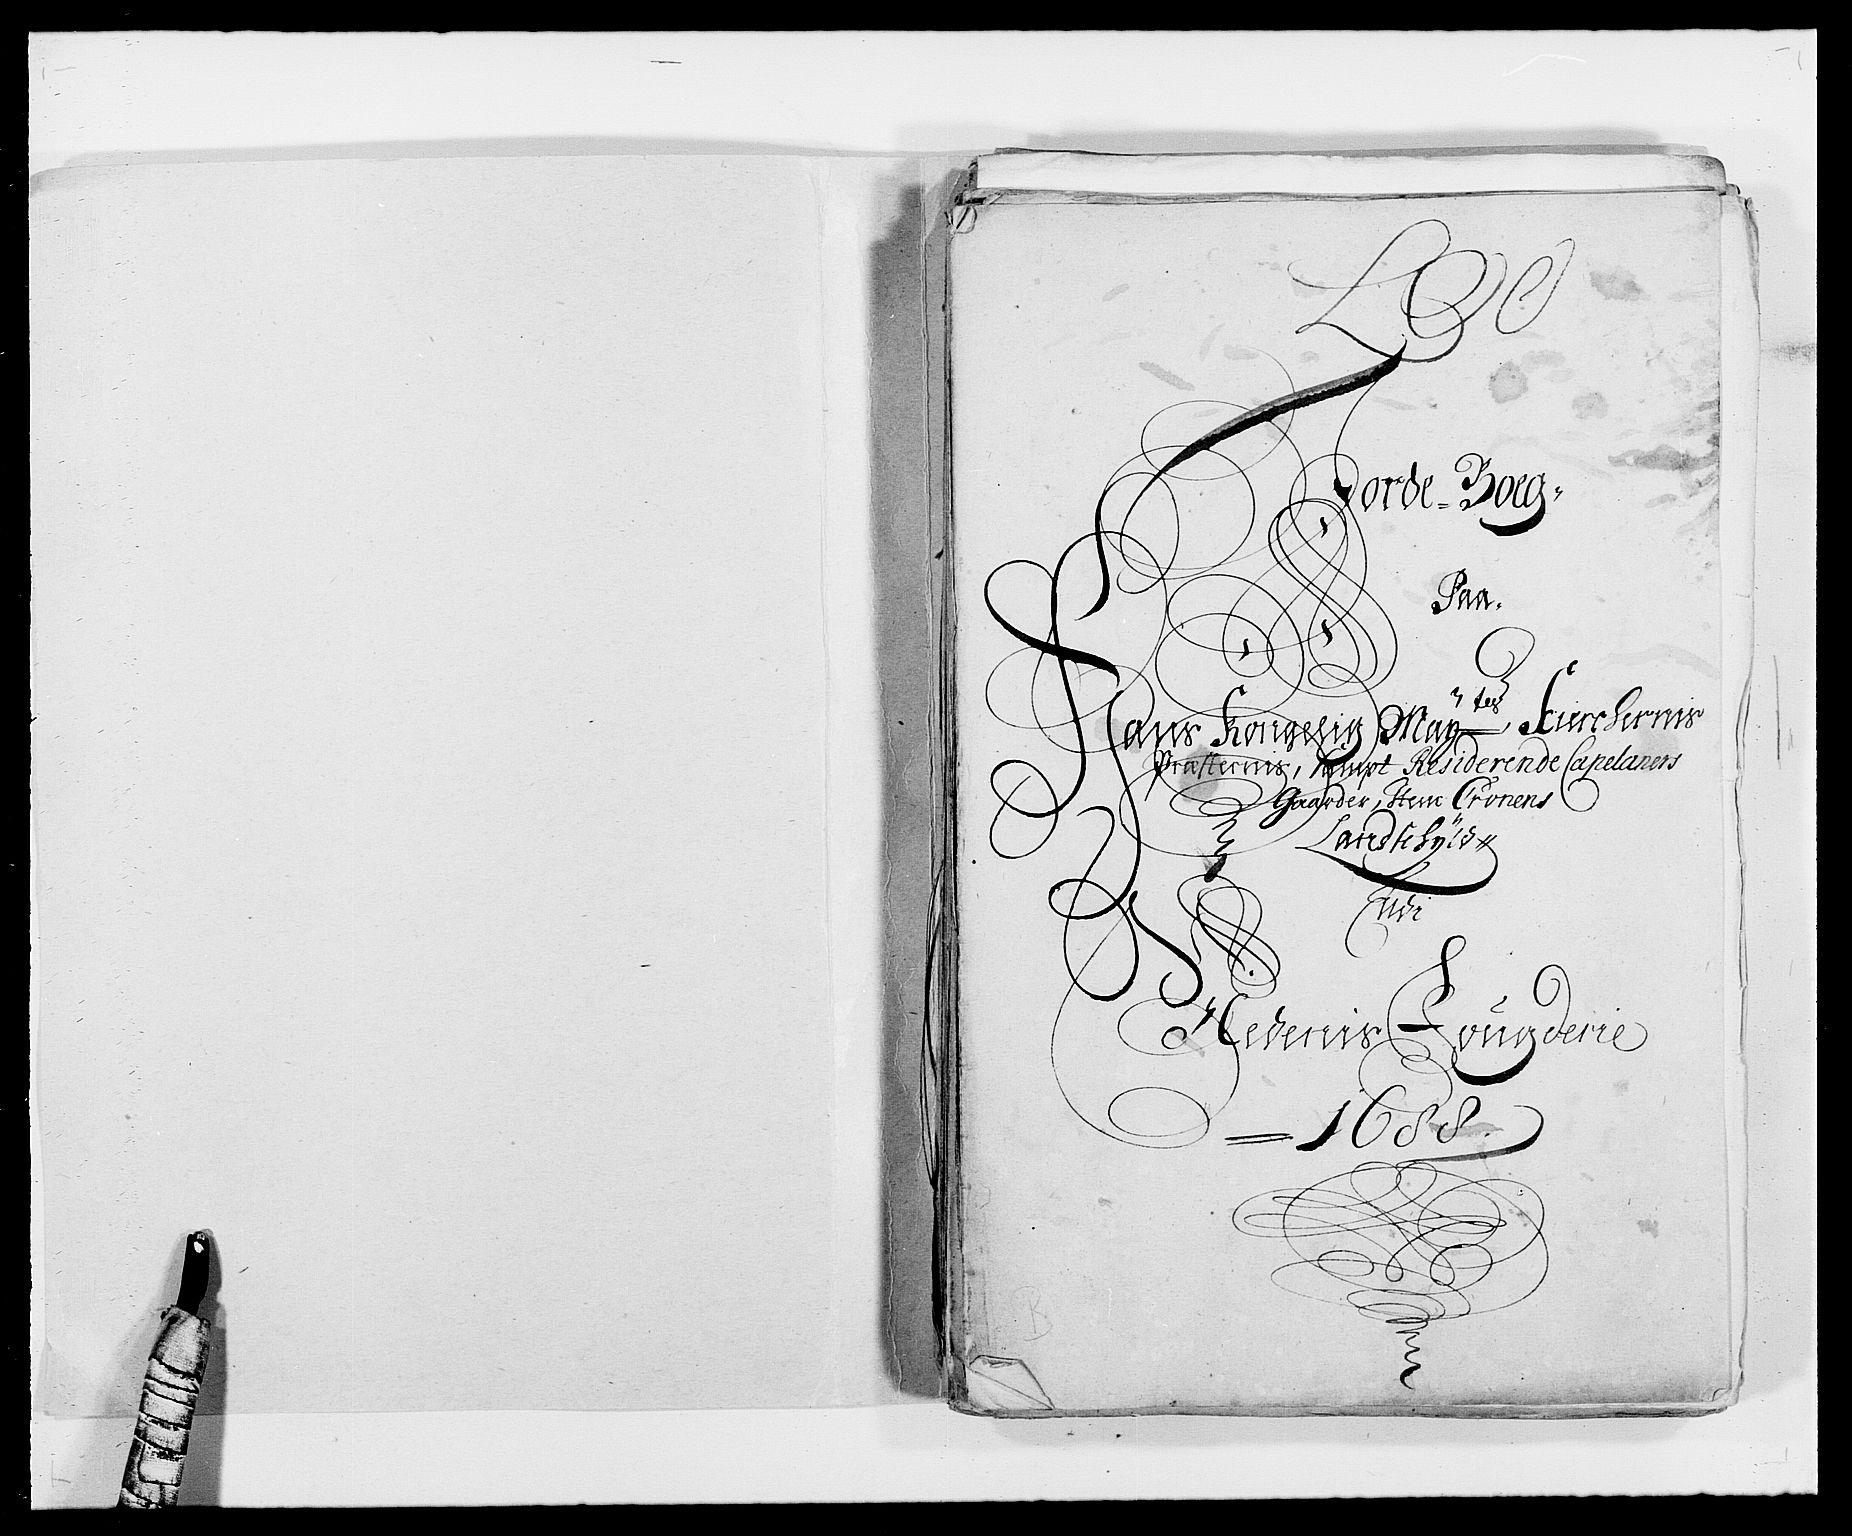 RA, Rentekammeret inntil 1814, Reviderte regnskaper, Fogderegnskap, R39/L2309: Fogderegnskap Nedenes, 1684-1689, s. 137